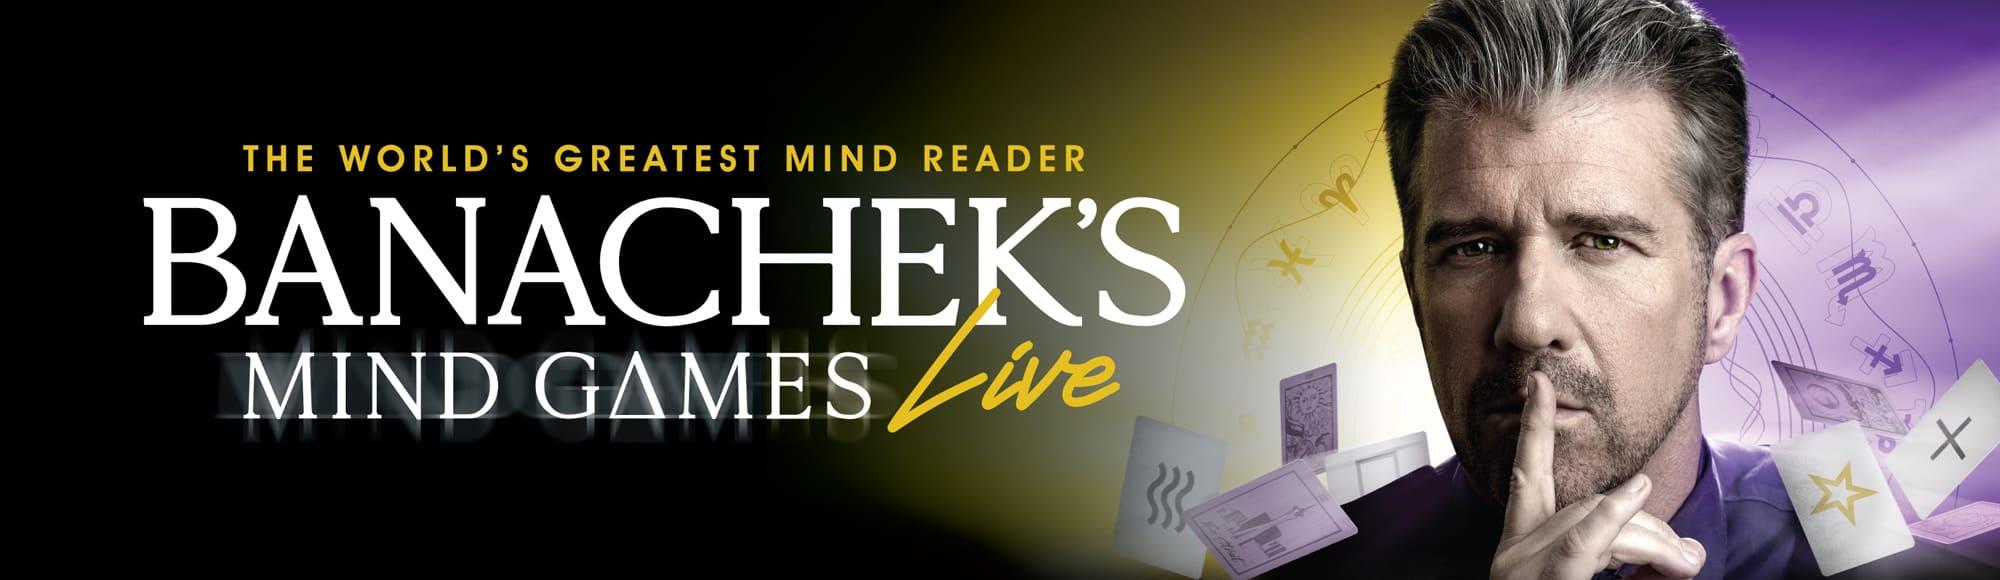 Banachek Mind Games Featured Deal